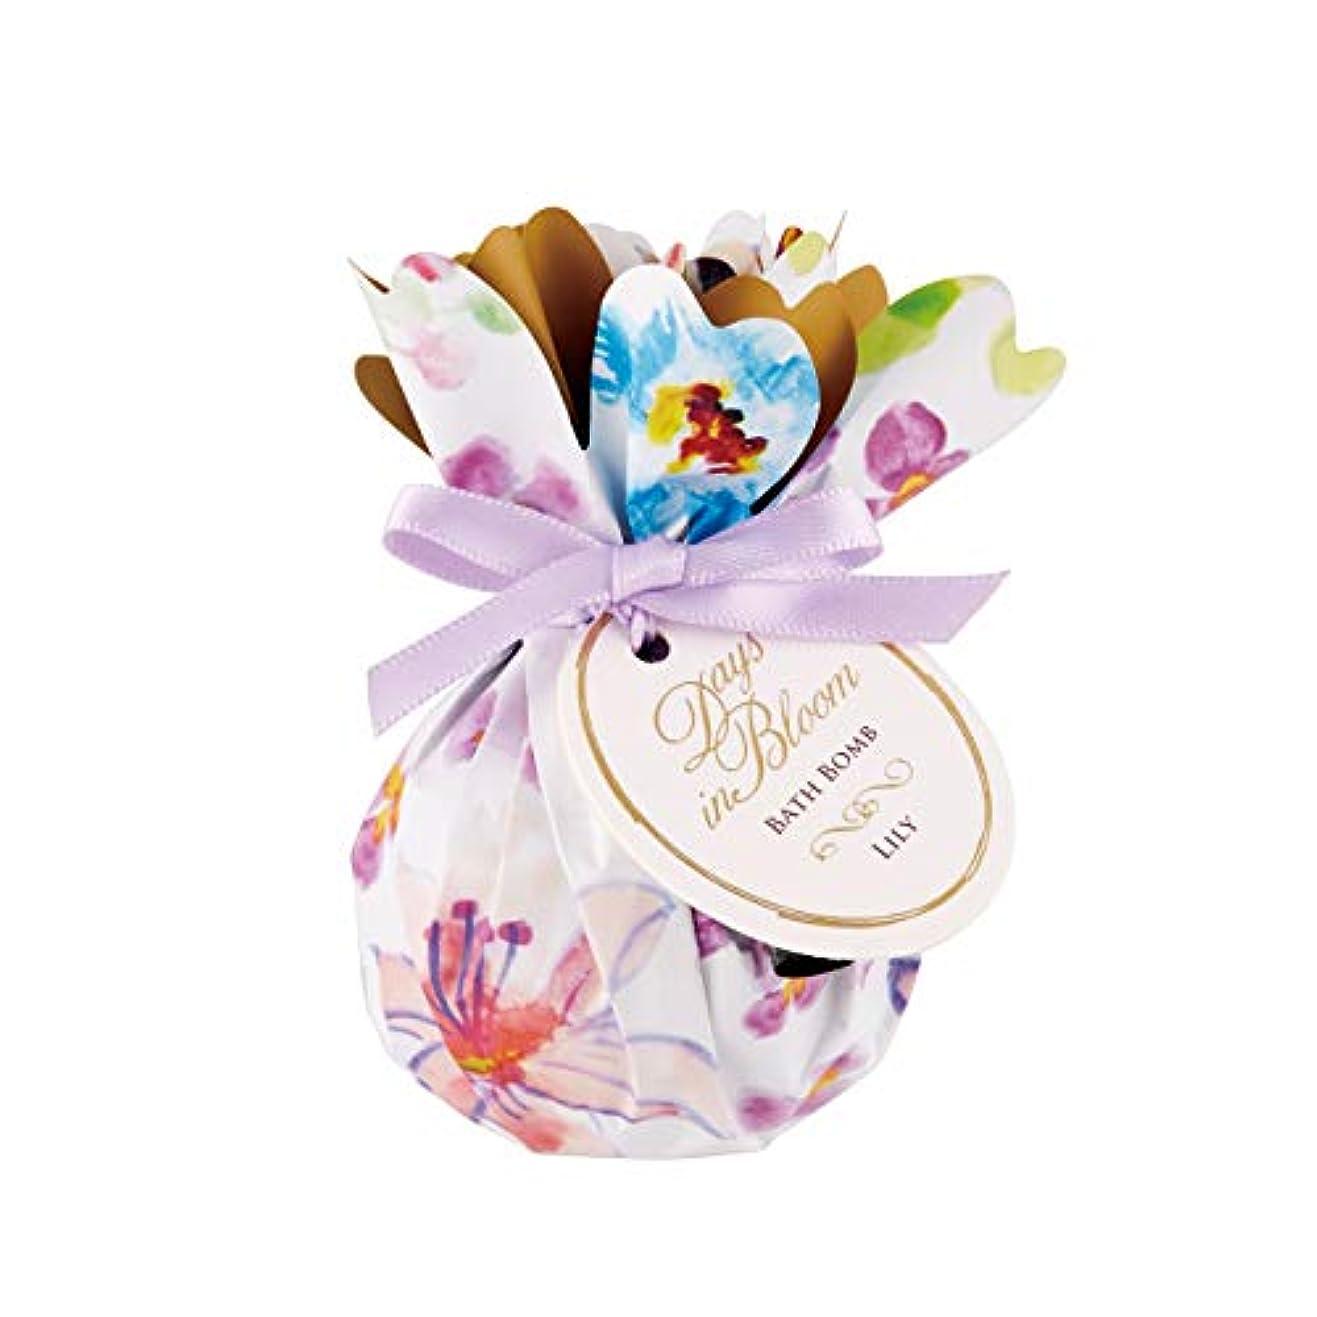 血色の良いスプレー多様なデイズインブルーム バスボム リリー(入浴料 プチギフト 花ギフト 百合のブーケの香り)